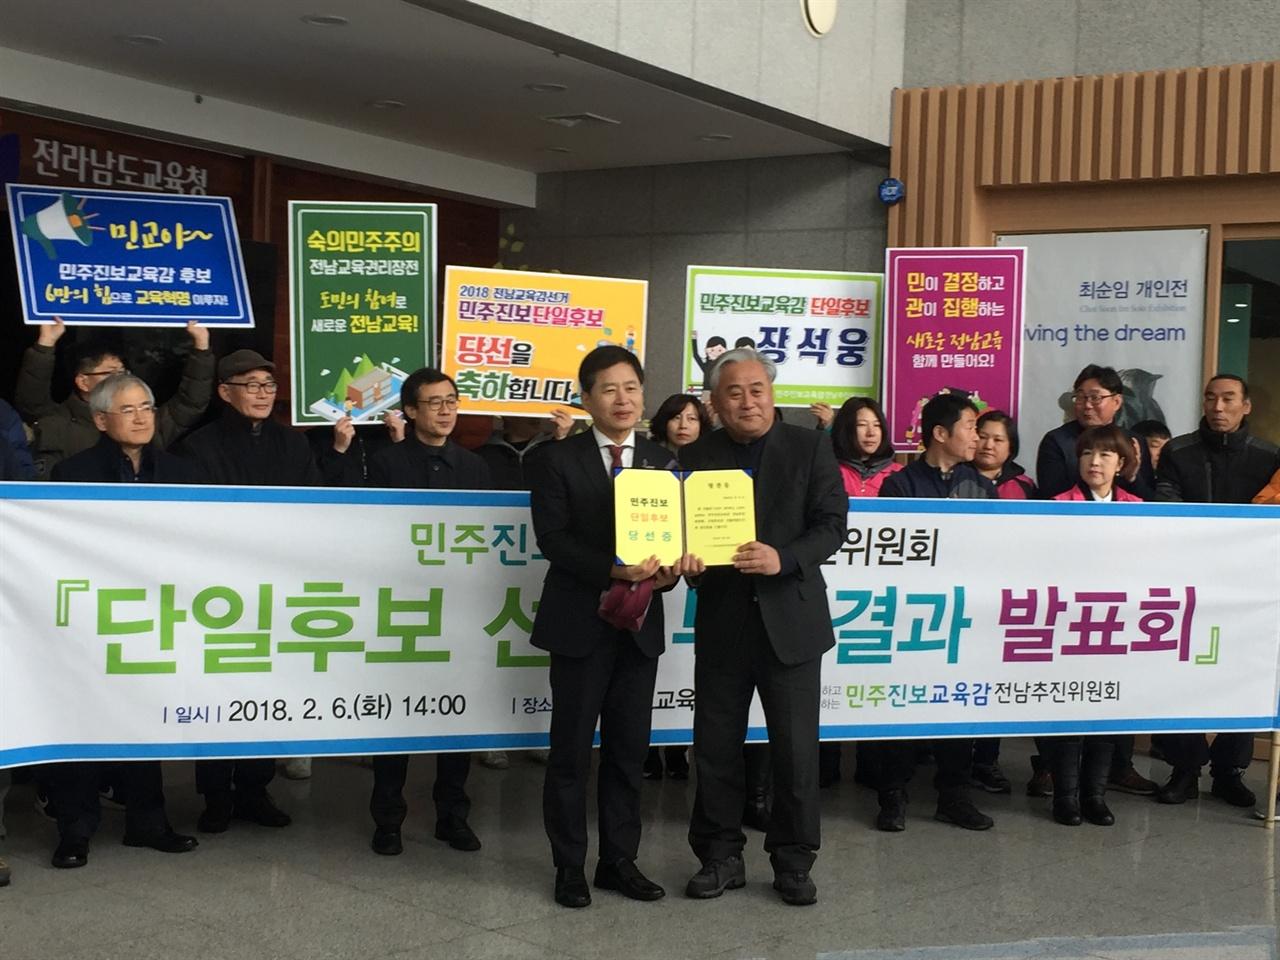 민주진보교육감 전남추진위원회(전남추진위)는 6일 오후 전라남도교육청에서 기자회견을 열고 장석웅(62) 전 전교조 위원장을 단일후보로 확정했다고 밝혔다.